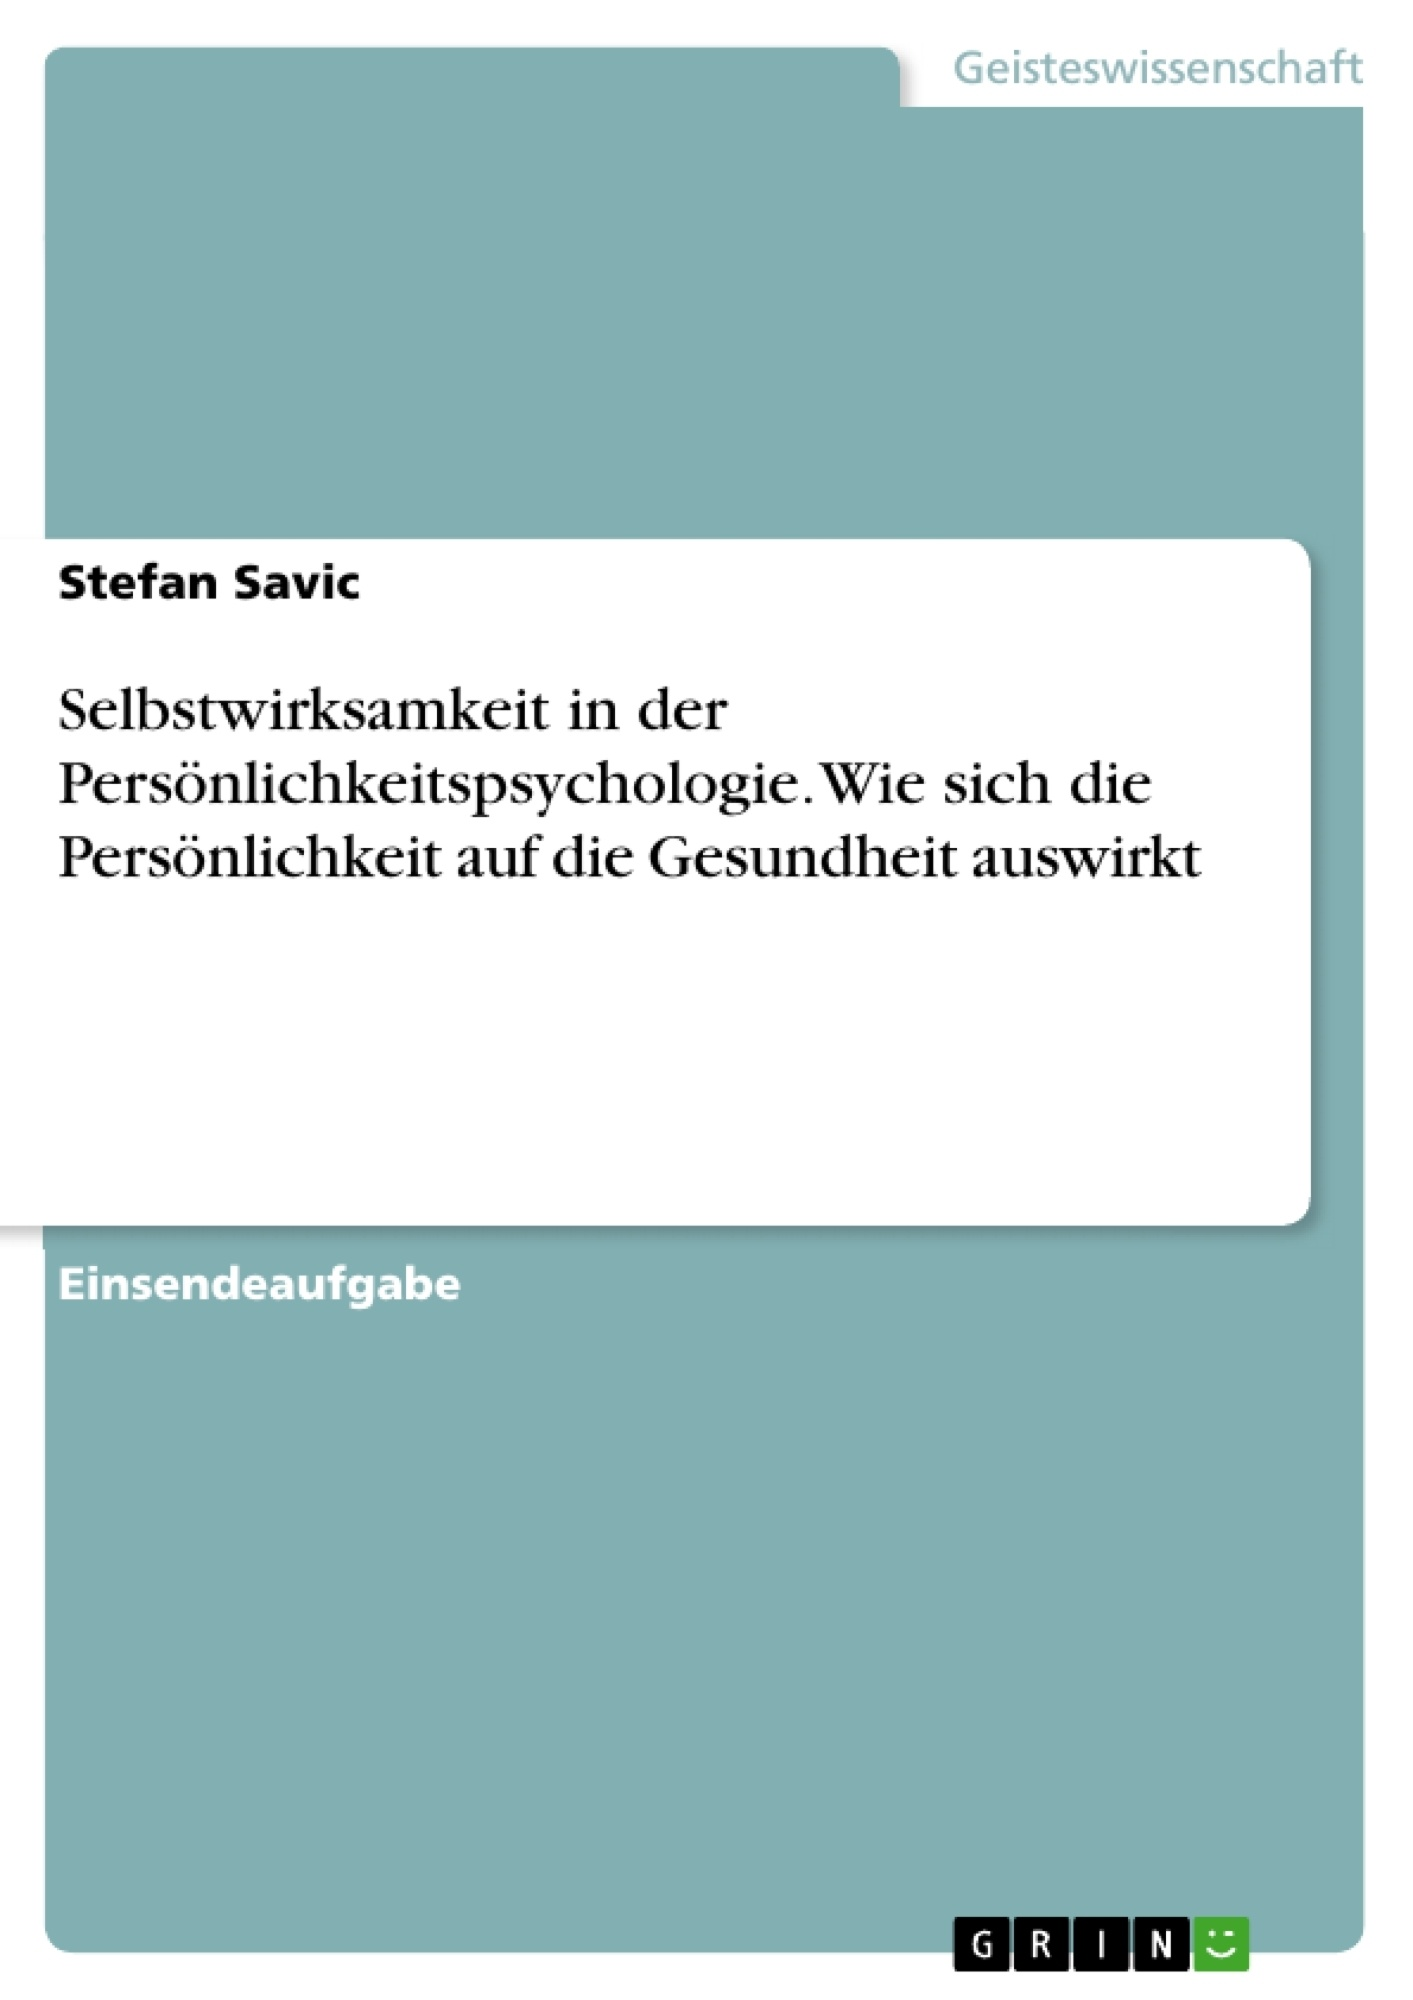 Titel: Selbstwirksamkeit in der Persönlichkeitspsychologie. Wie sich die Persönlichkeit auf die Gesundheit auswirkt